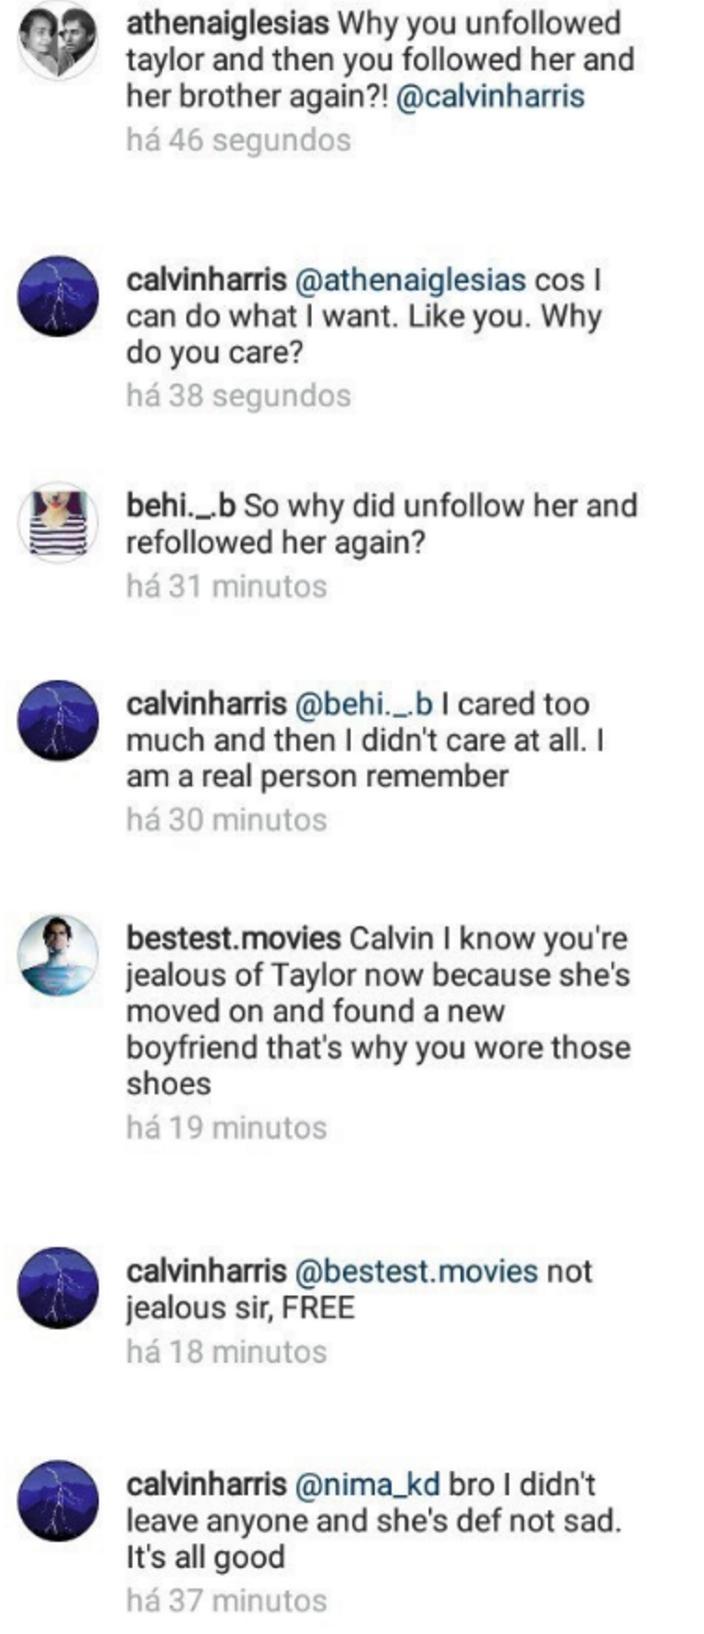 calvin harris instagram responses